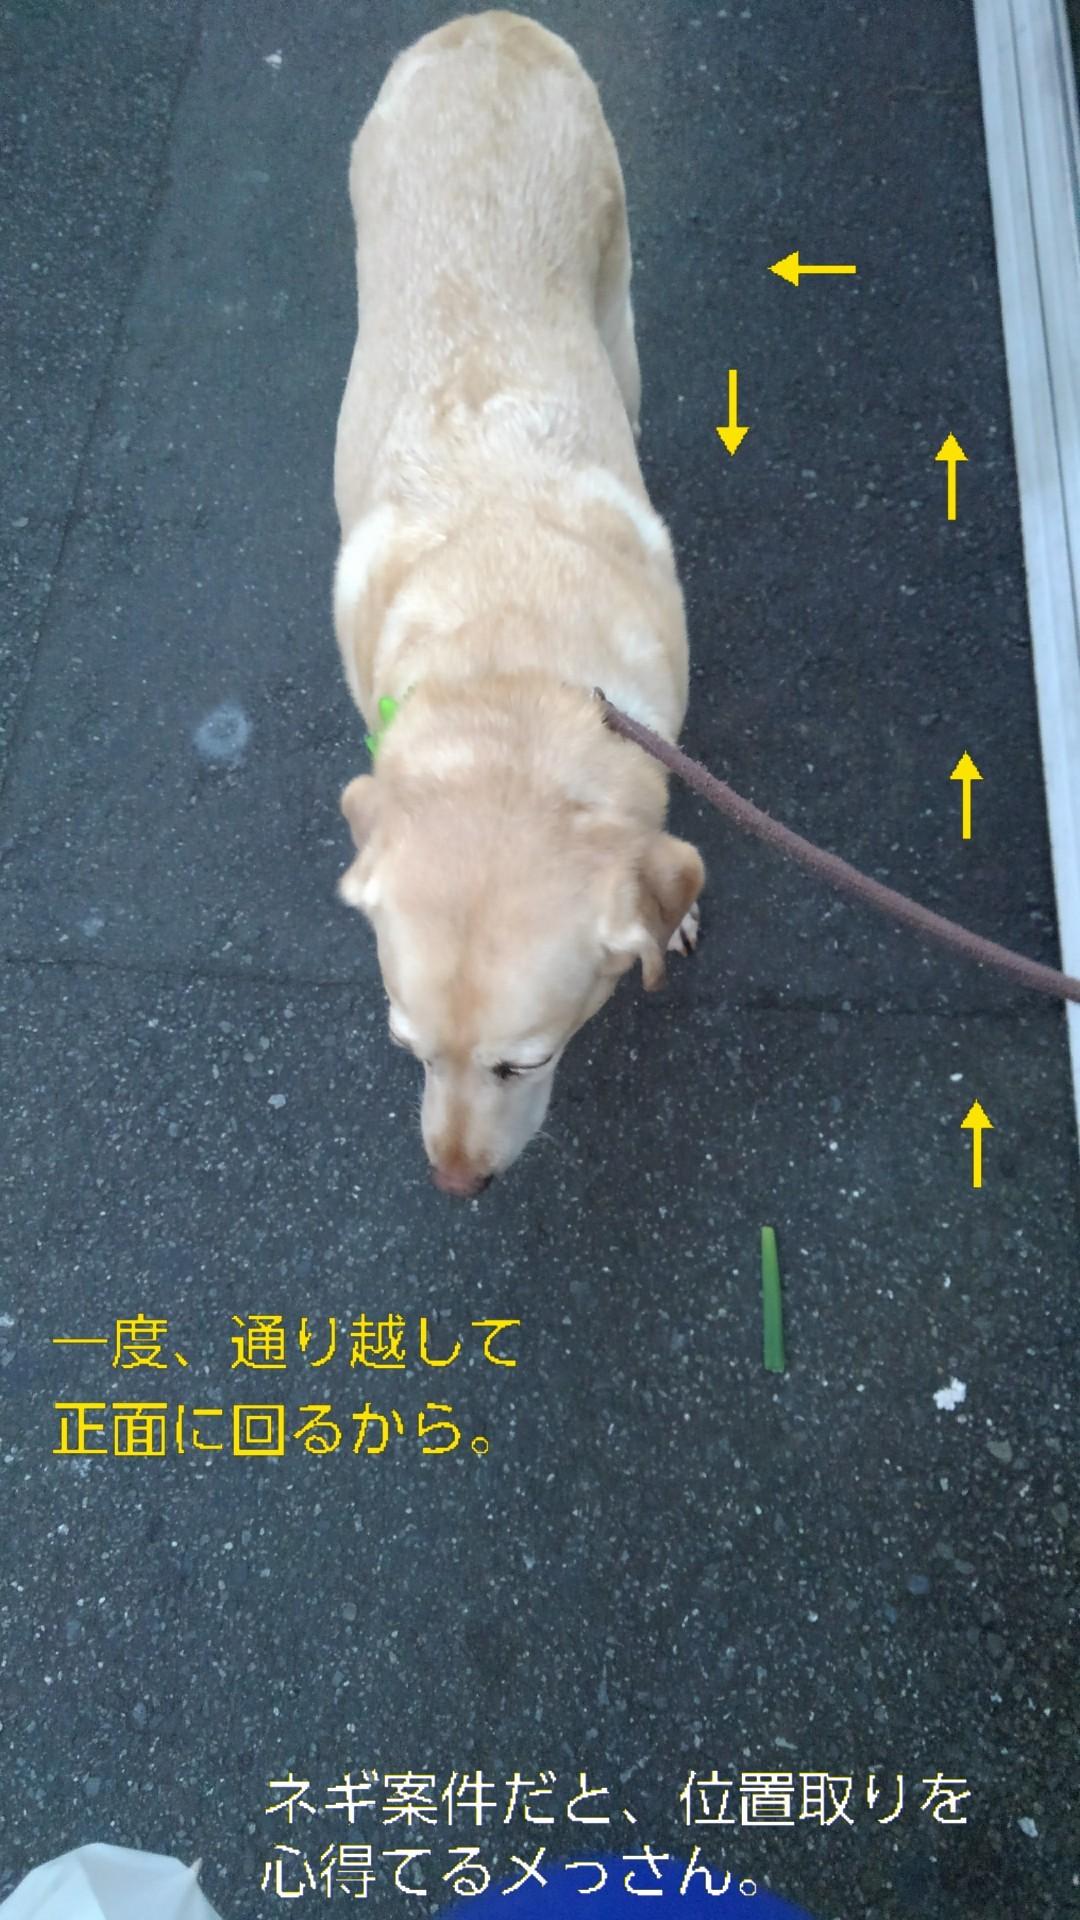 高円寺の落ちネギ・82、83(筒×2)_b0339522_12442617.jpg